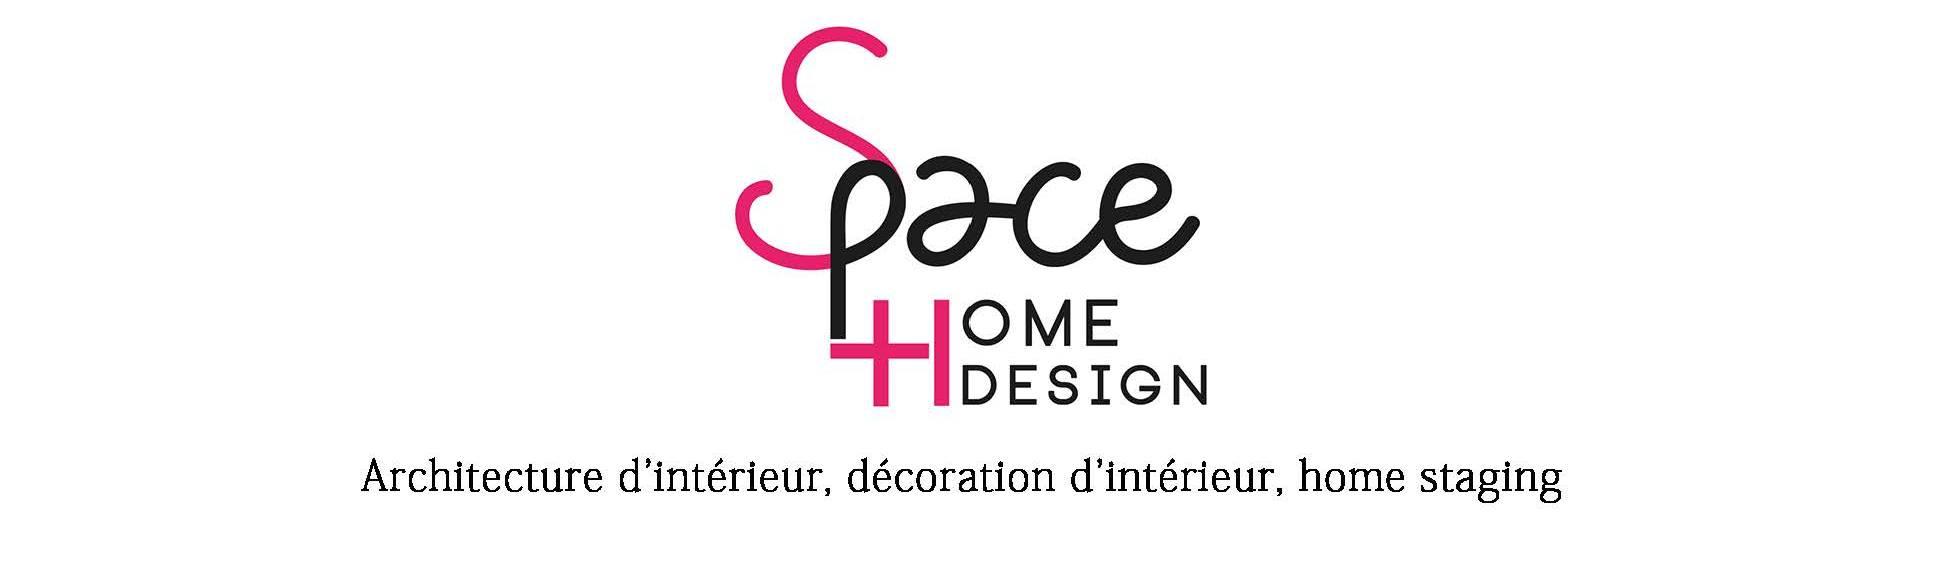 S'PACE HABITAT / S'PACE HOME DESIGN